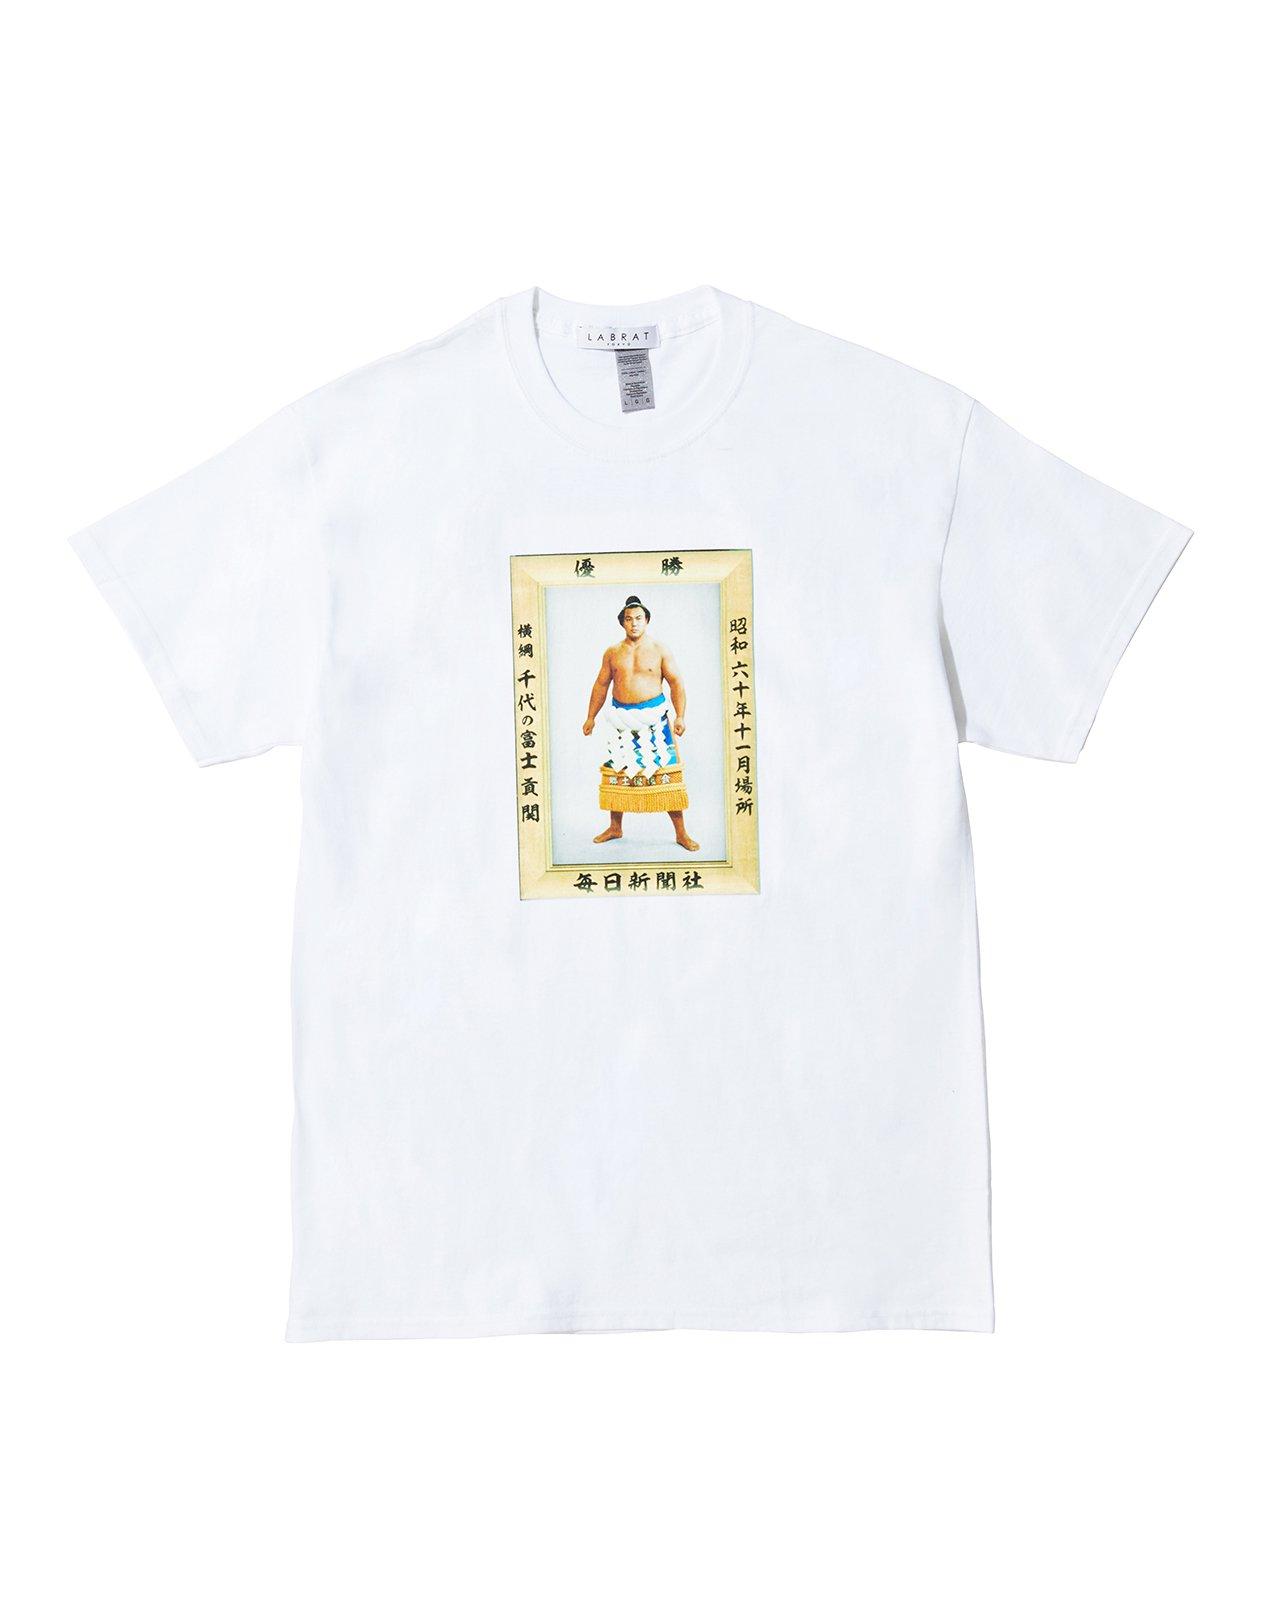 千代の富士 for LABRAT JR両国駅限定販売 Tシャツ(WHITE)(size: S〜XL)